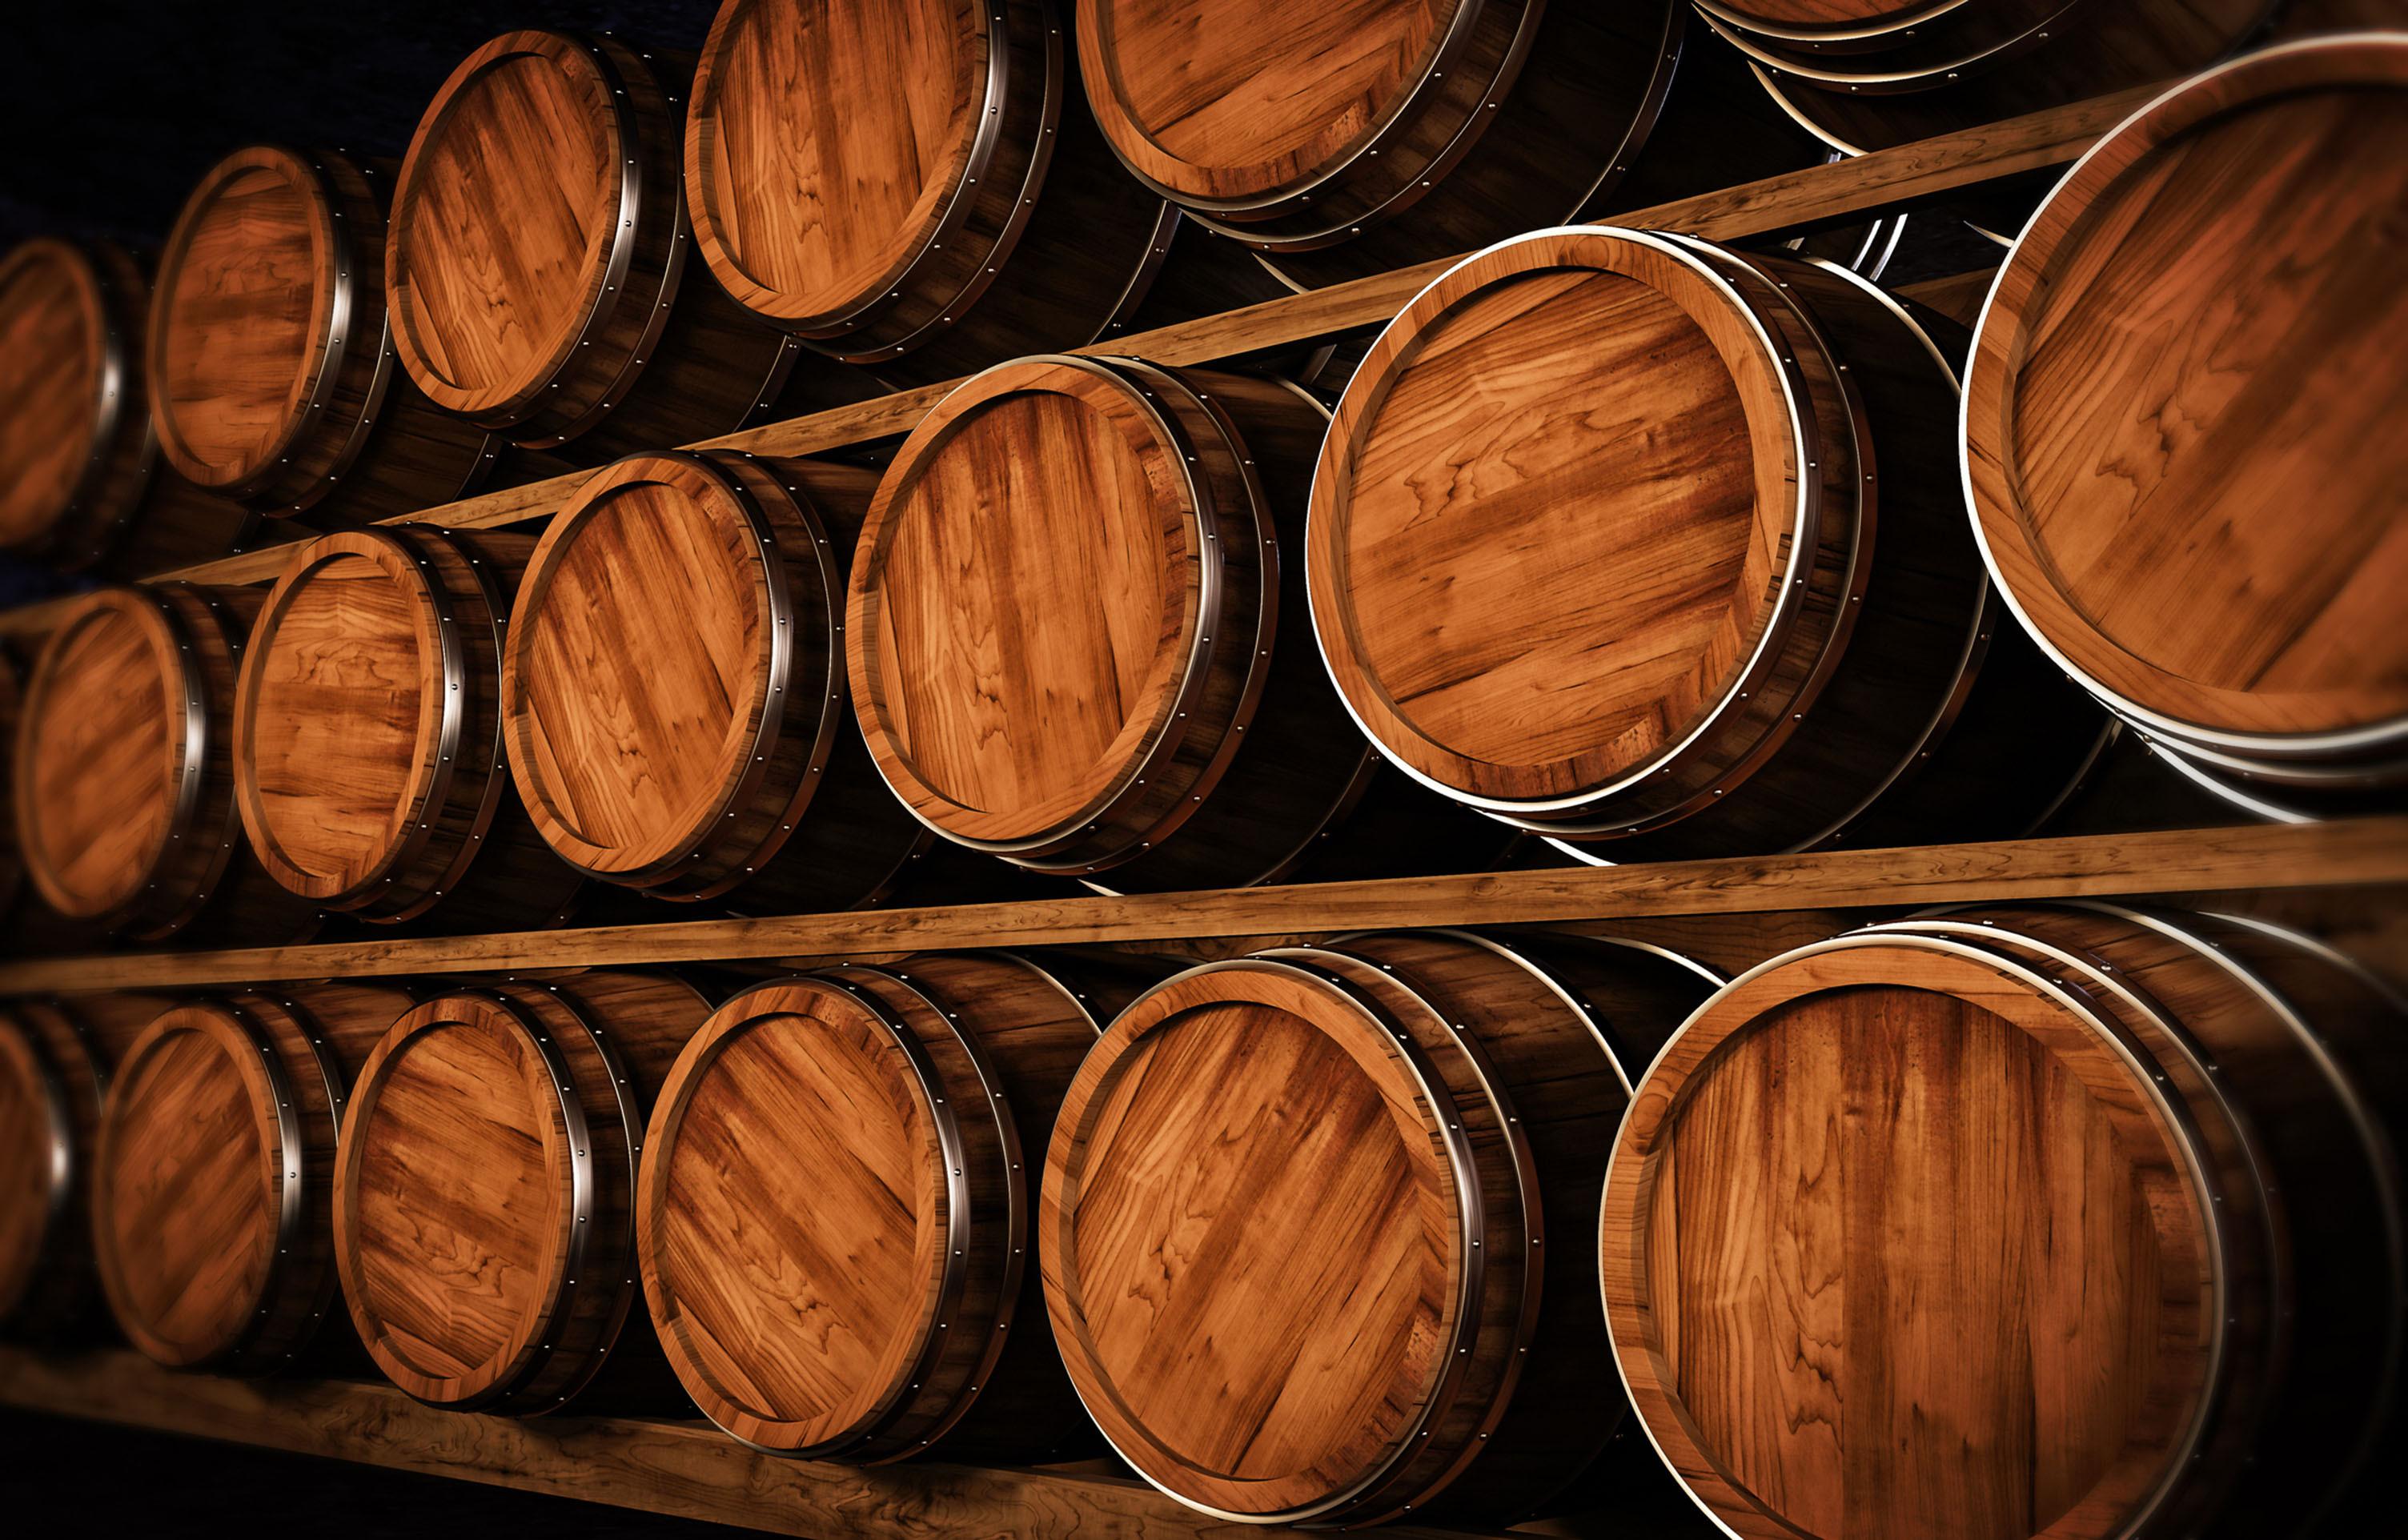 23 juillet - Les vins boisés